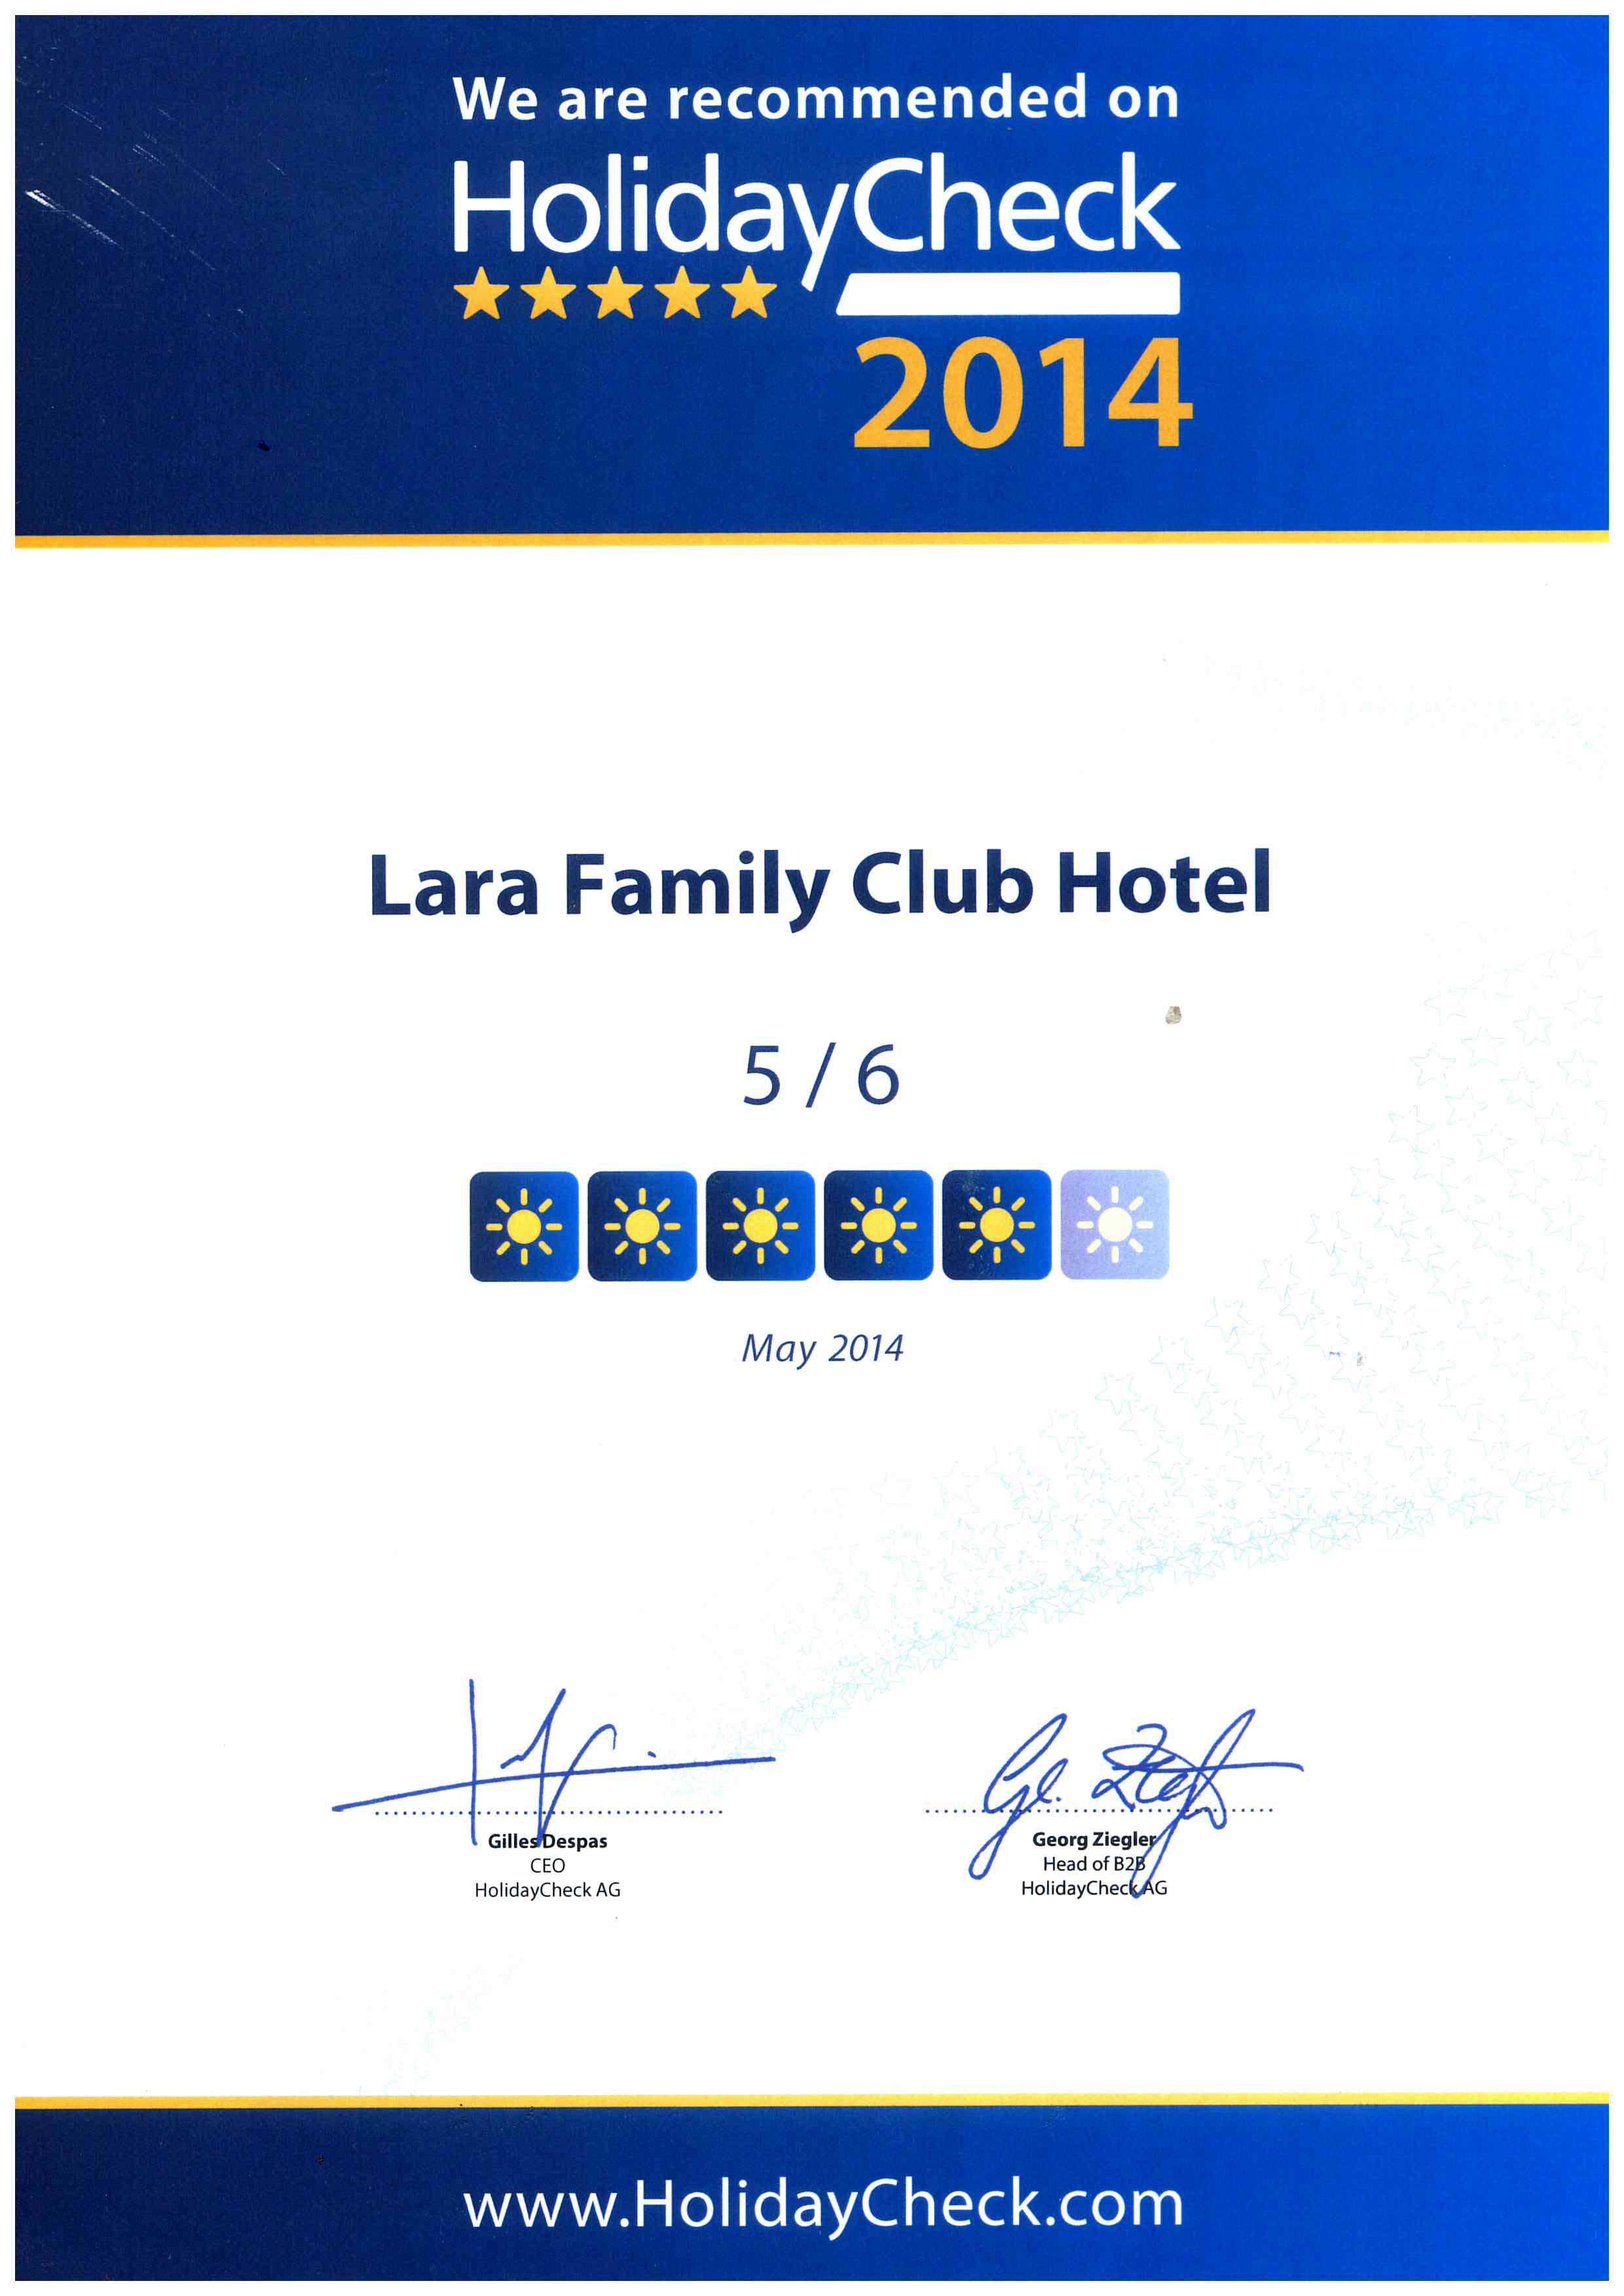 lara_2014_1.jpg